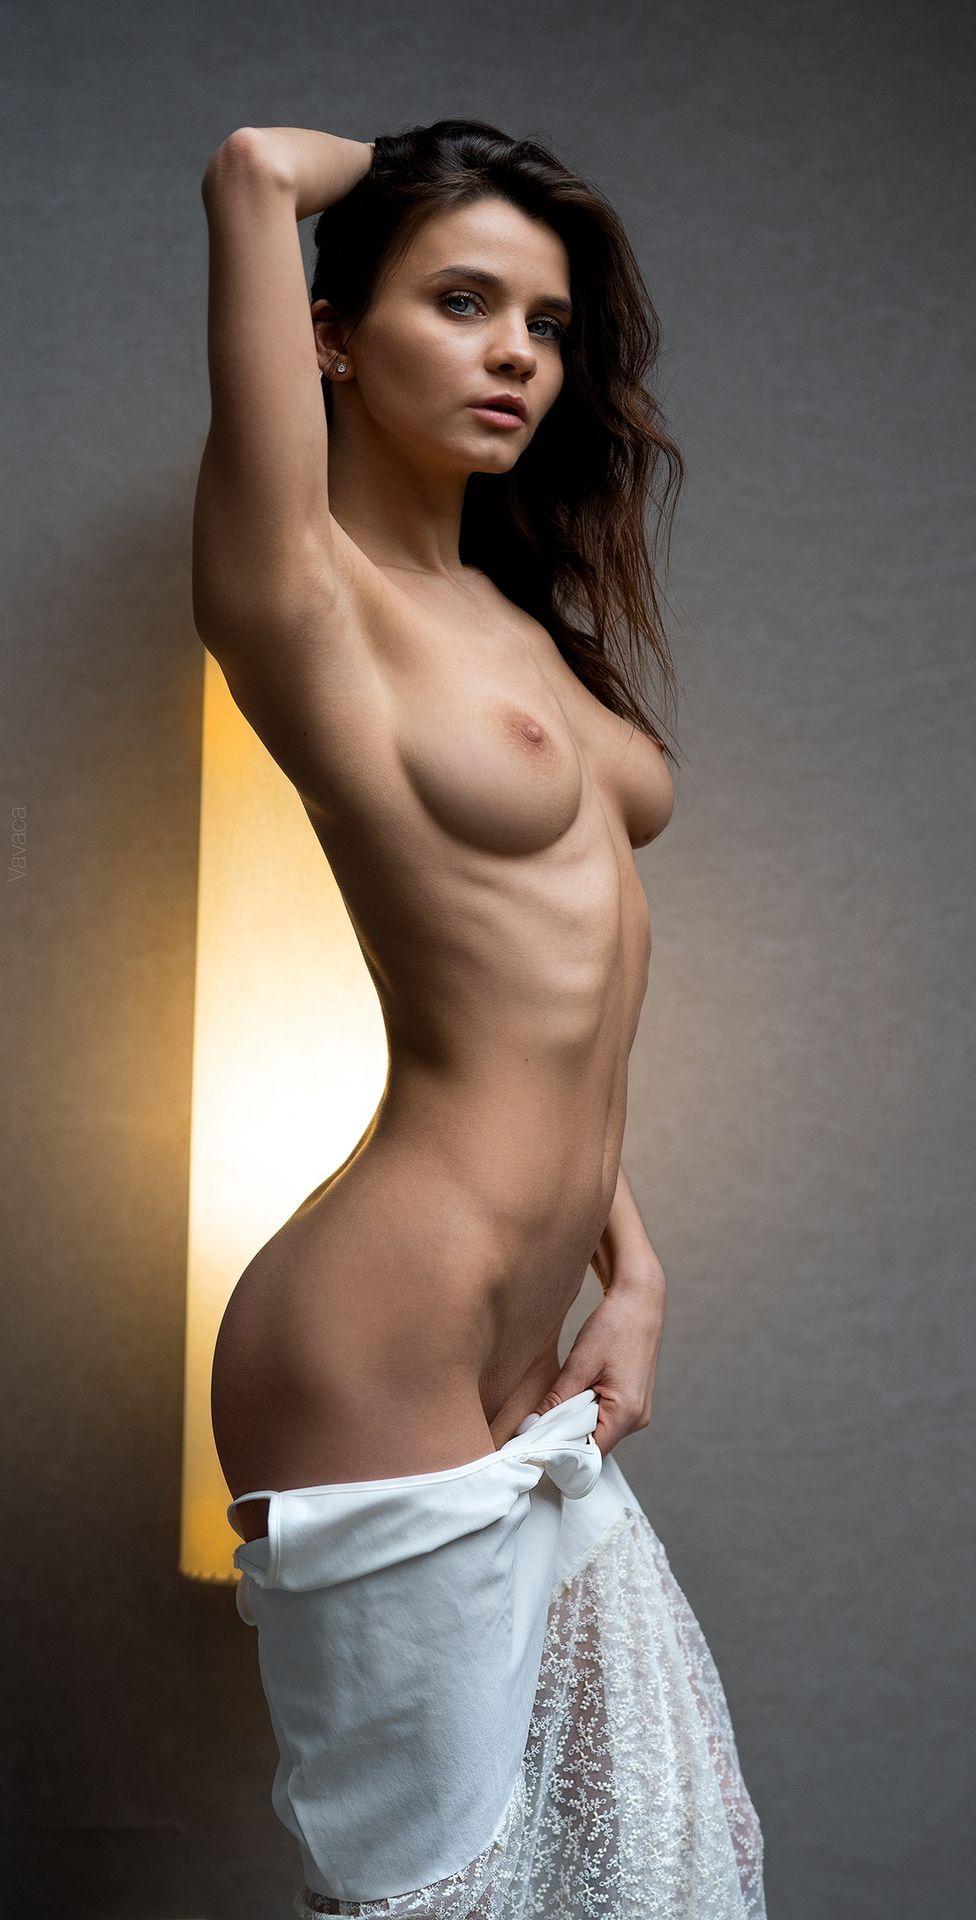 Kristina rae nude